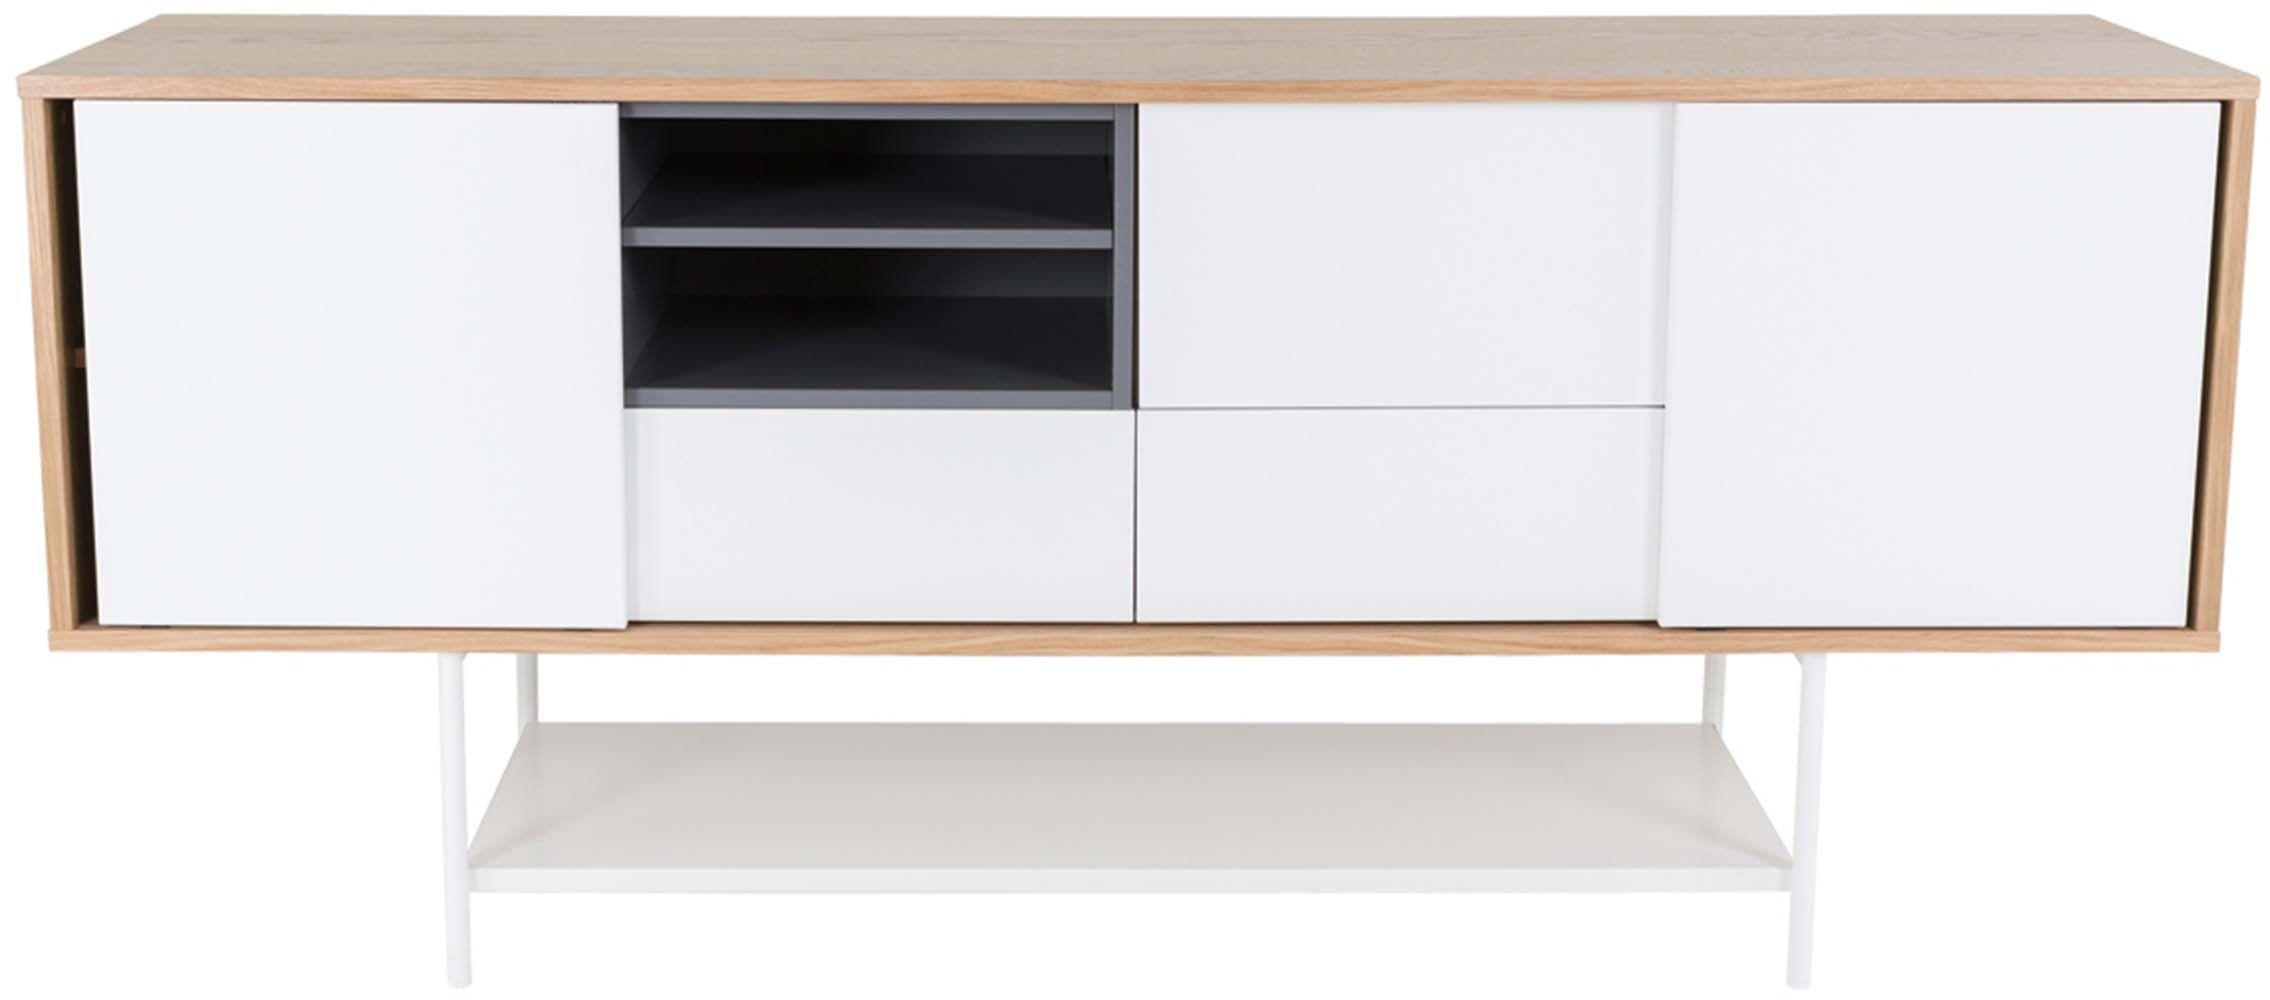 meuble bas plaqu ch ne naturel et blanc laqu eur 799. Black Bedroom Furniture Sets. Home Design Ideas